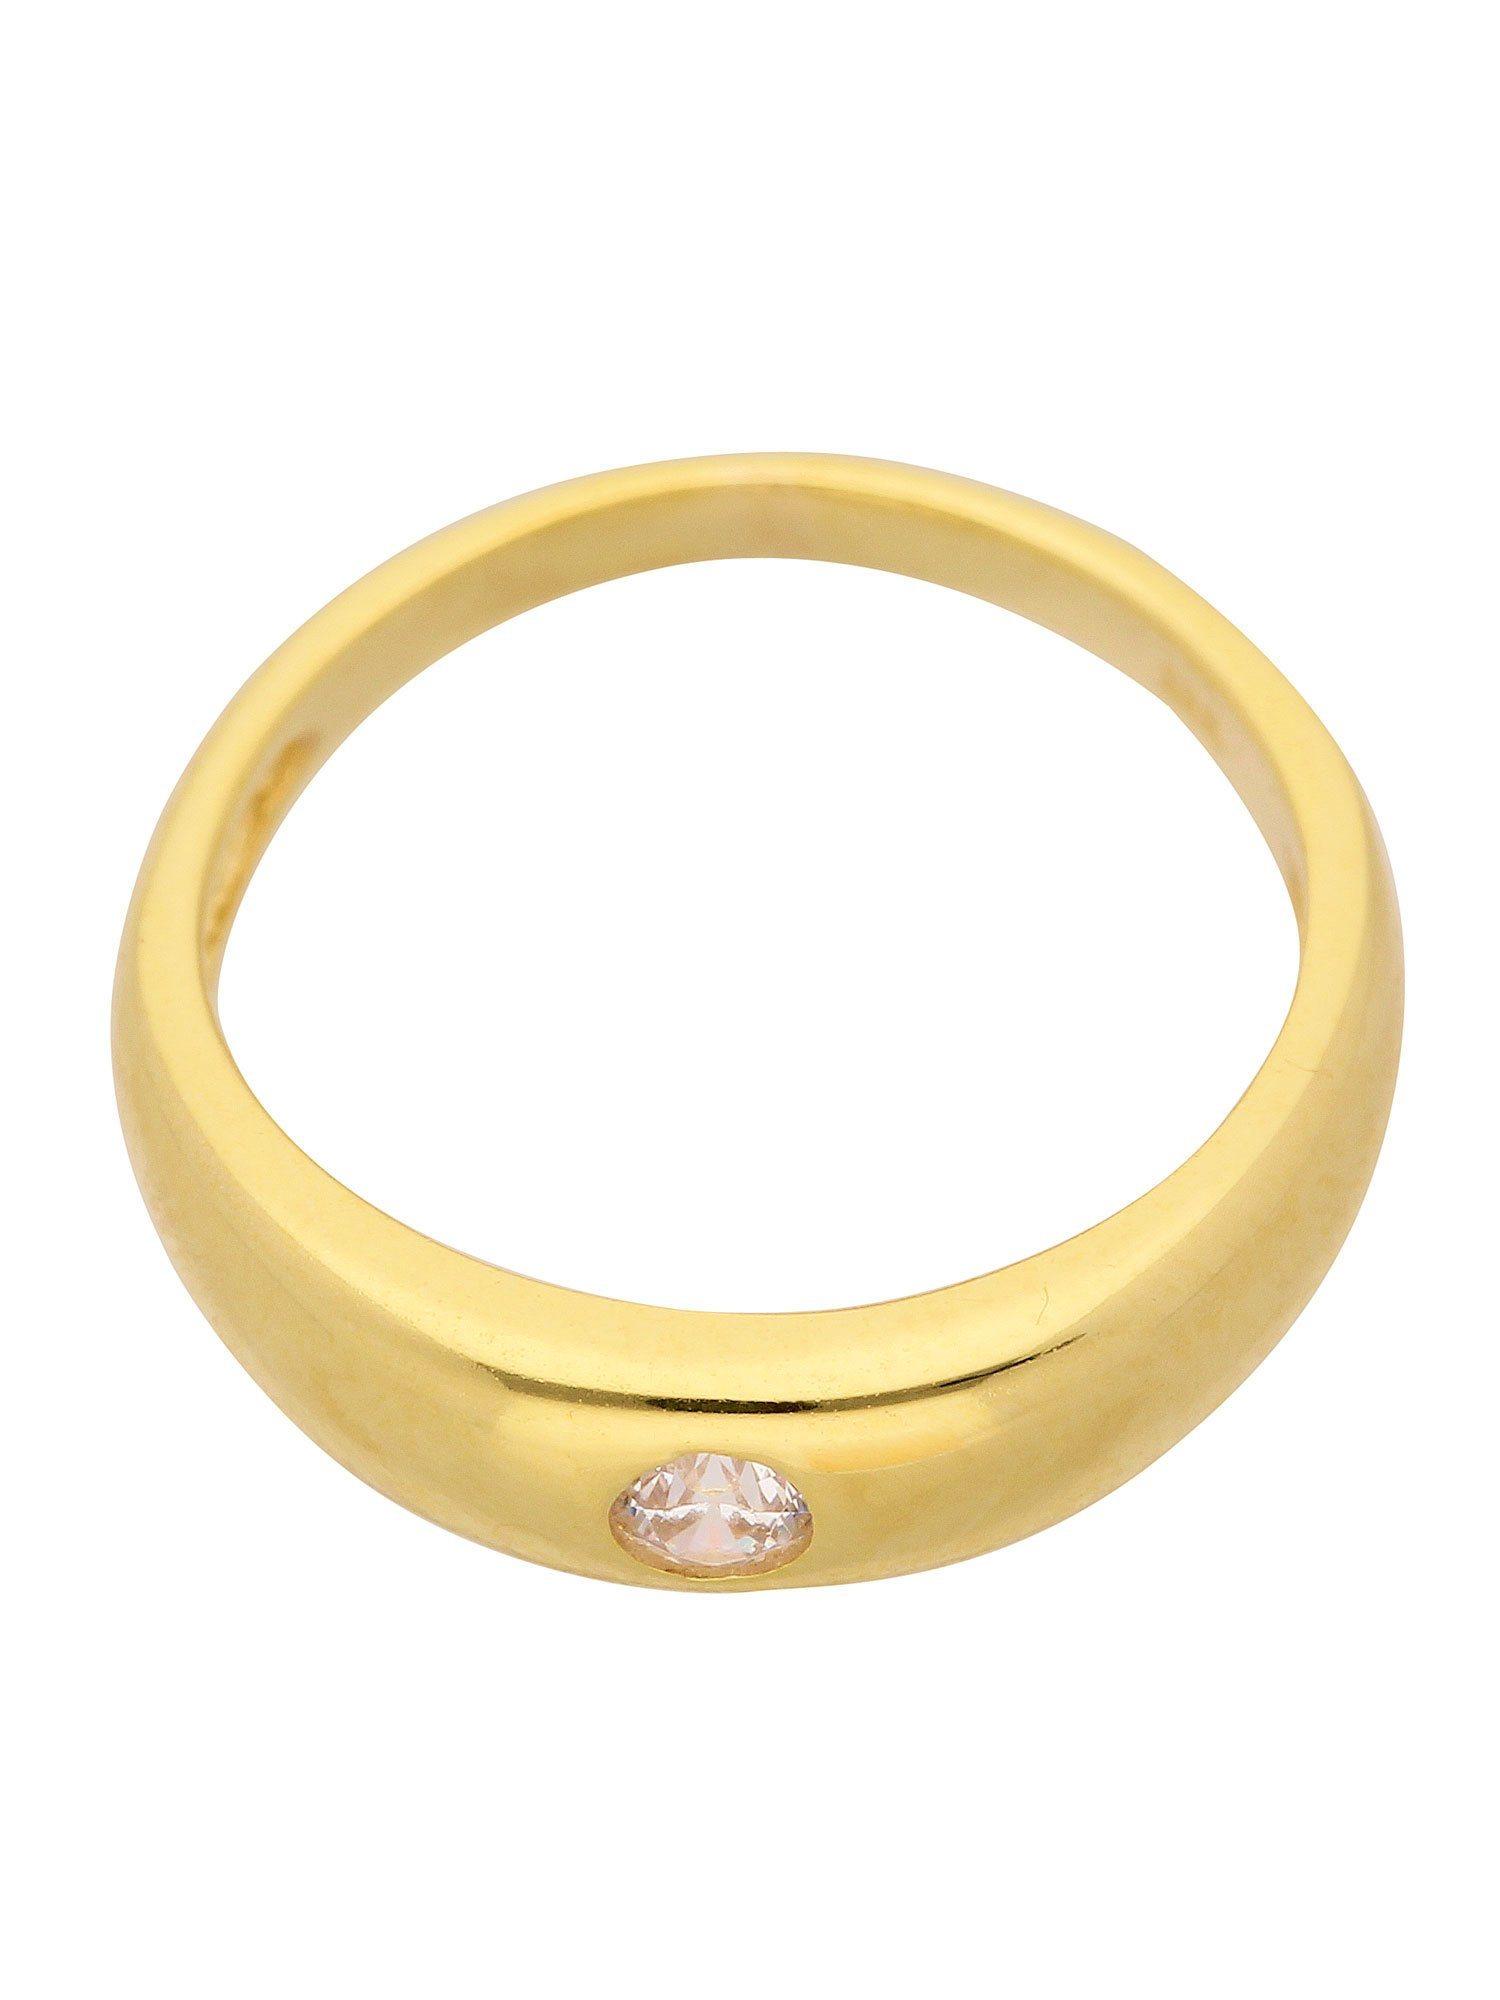 Adelia´s Kettenanhänger »Gold Anhänger«, Taufring 14 k 585 Gelbgold mit Zirkonia Ø 1.12 cm | Schmuck > Halsketten > Ketten ohne Anhänger | Adelia´s